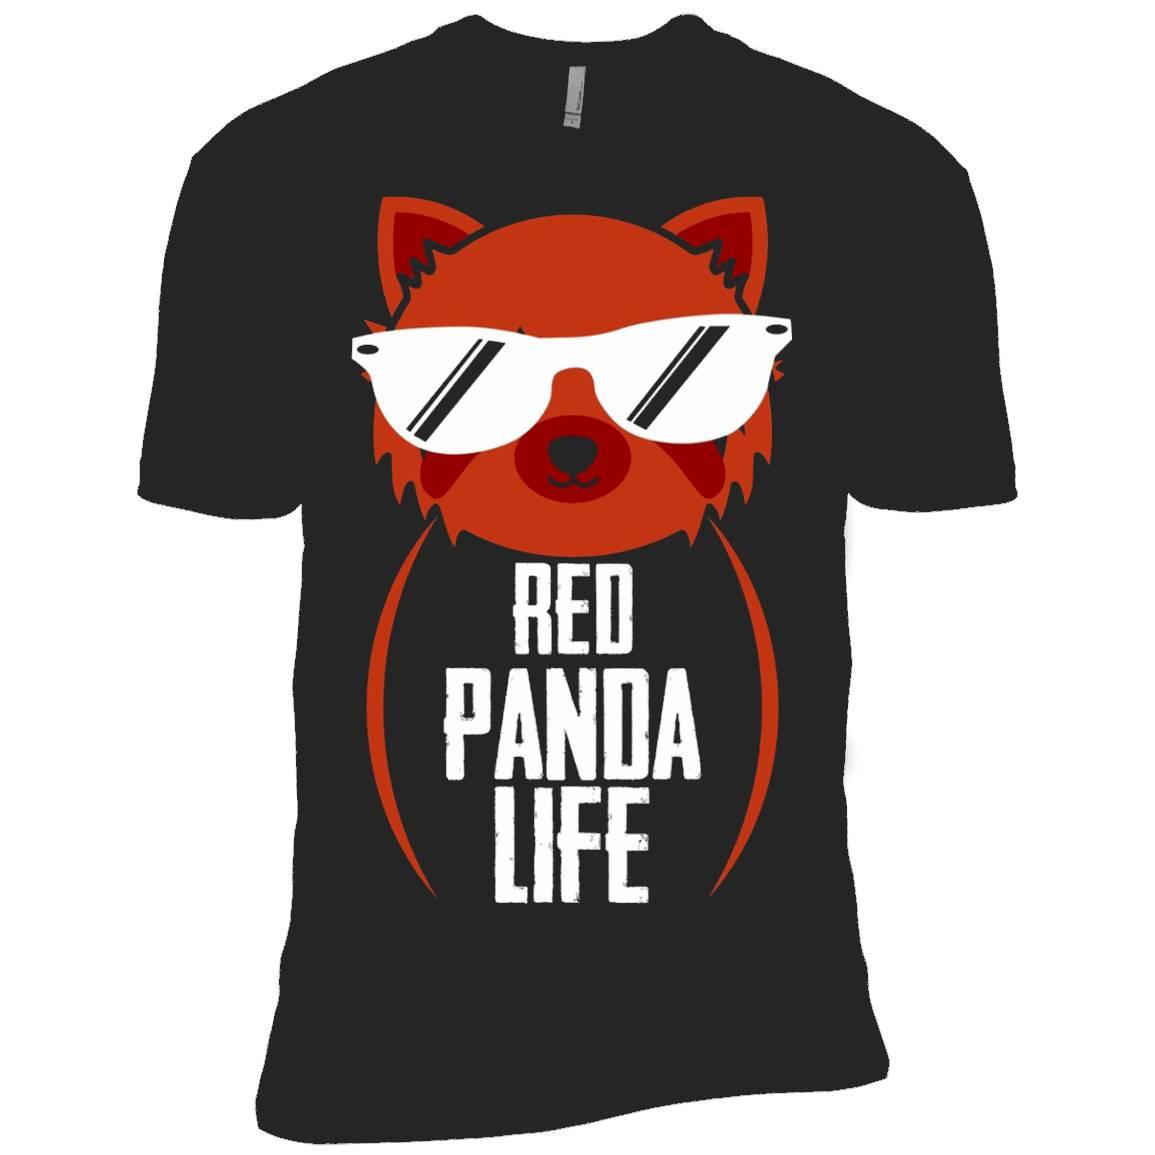 Red Panda Shirt – Red Panda Life Shirt – T-Shirt